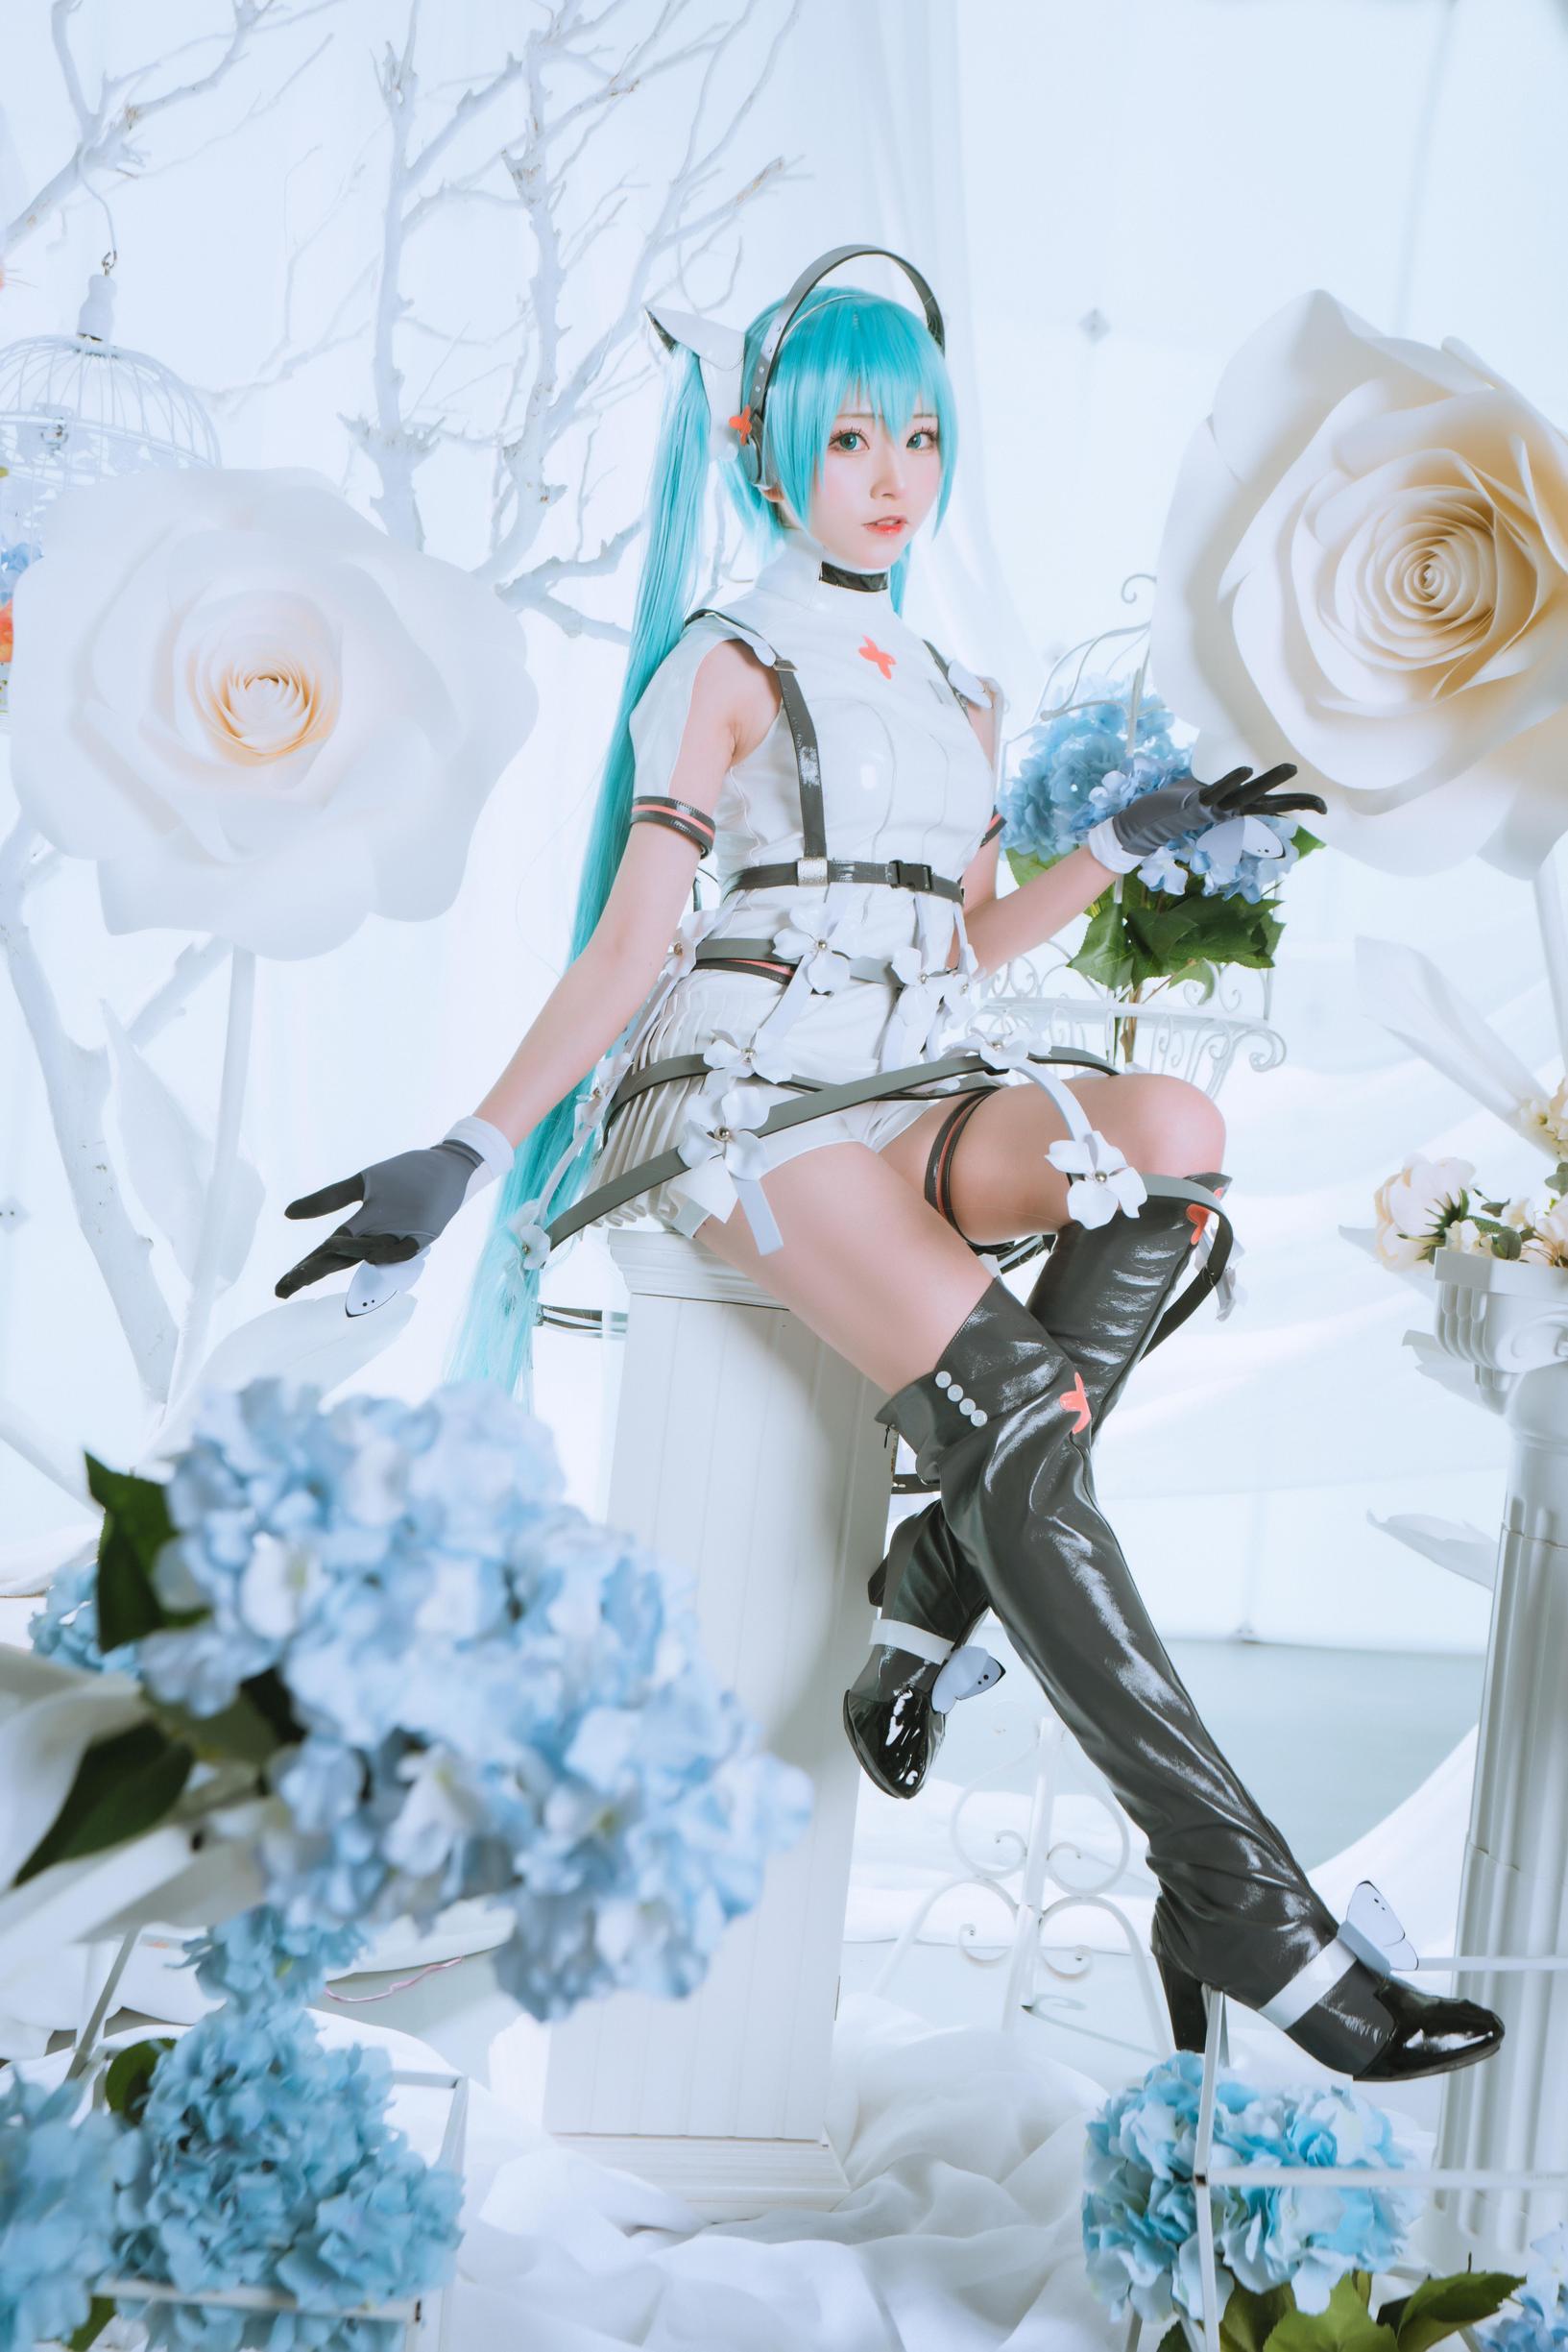 少女cosplay【CN:Kitaro_绮太郎】-第22张